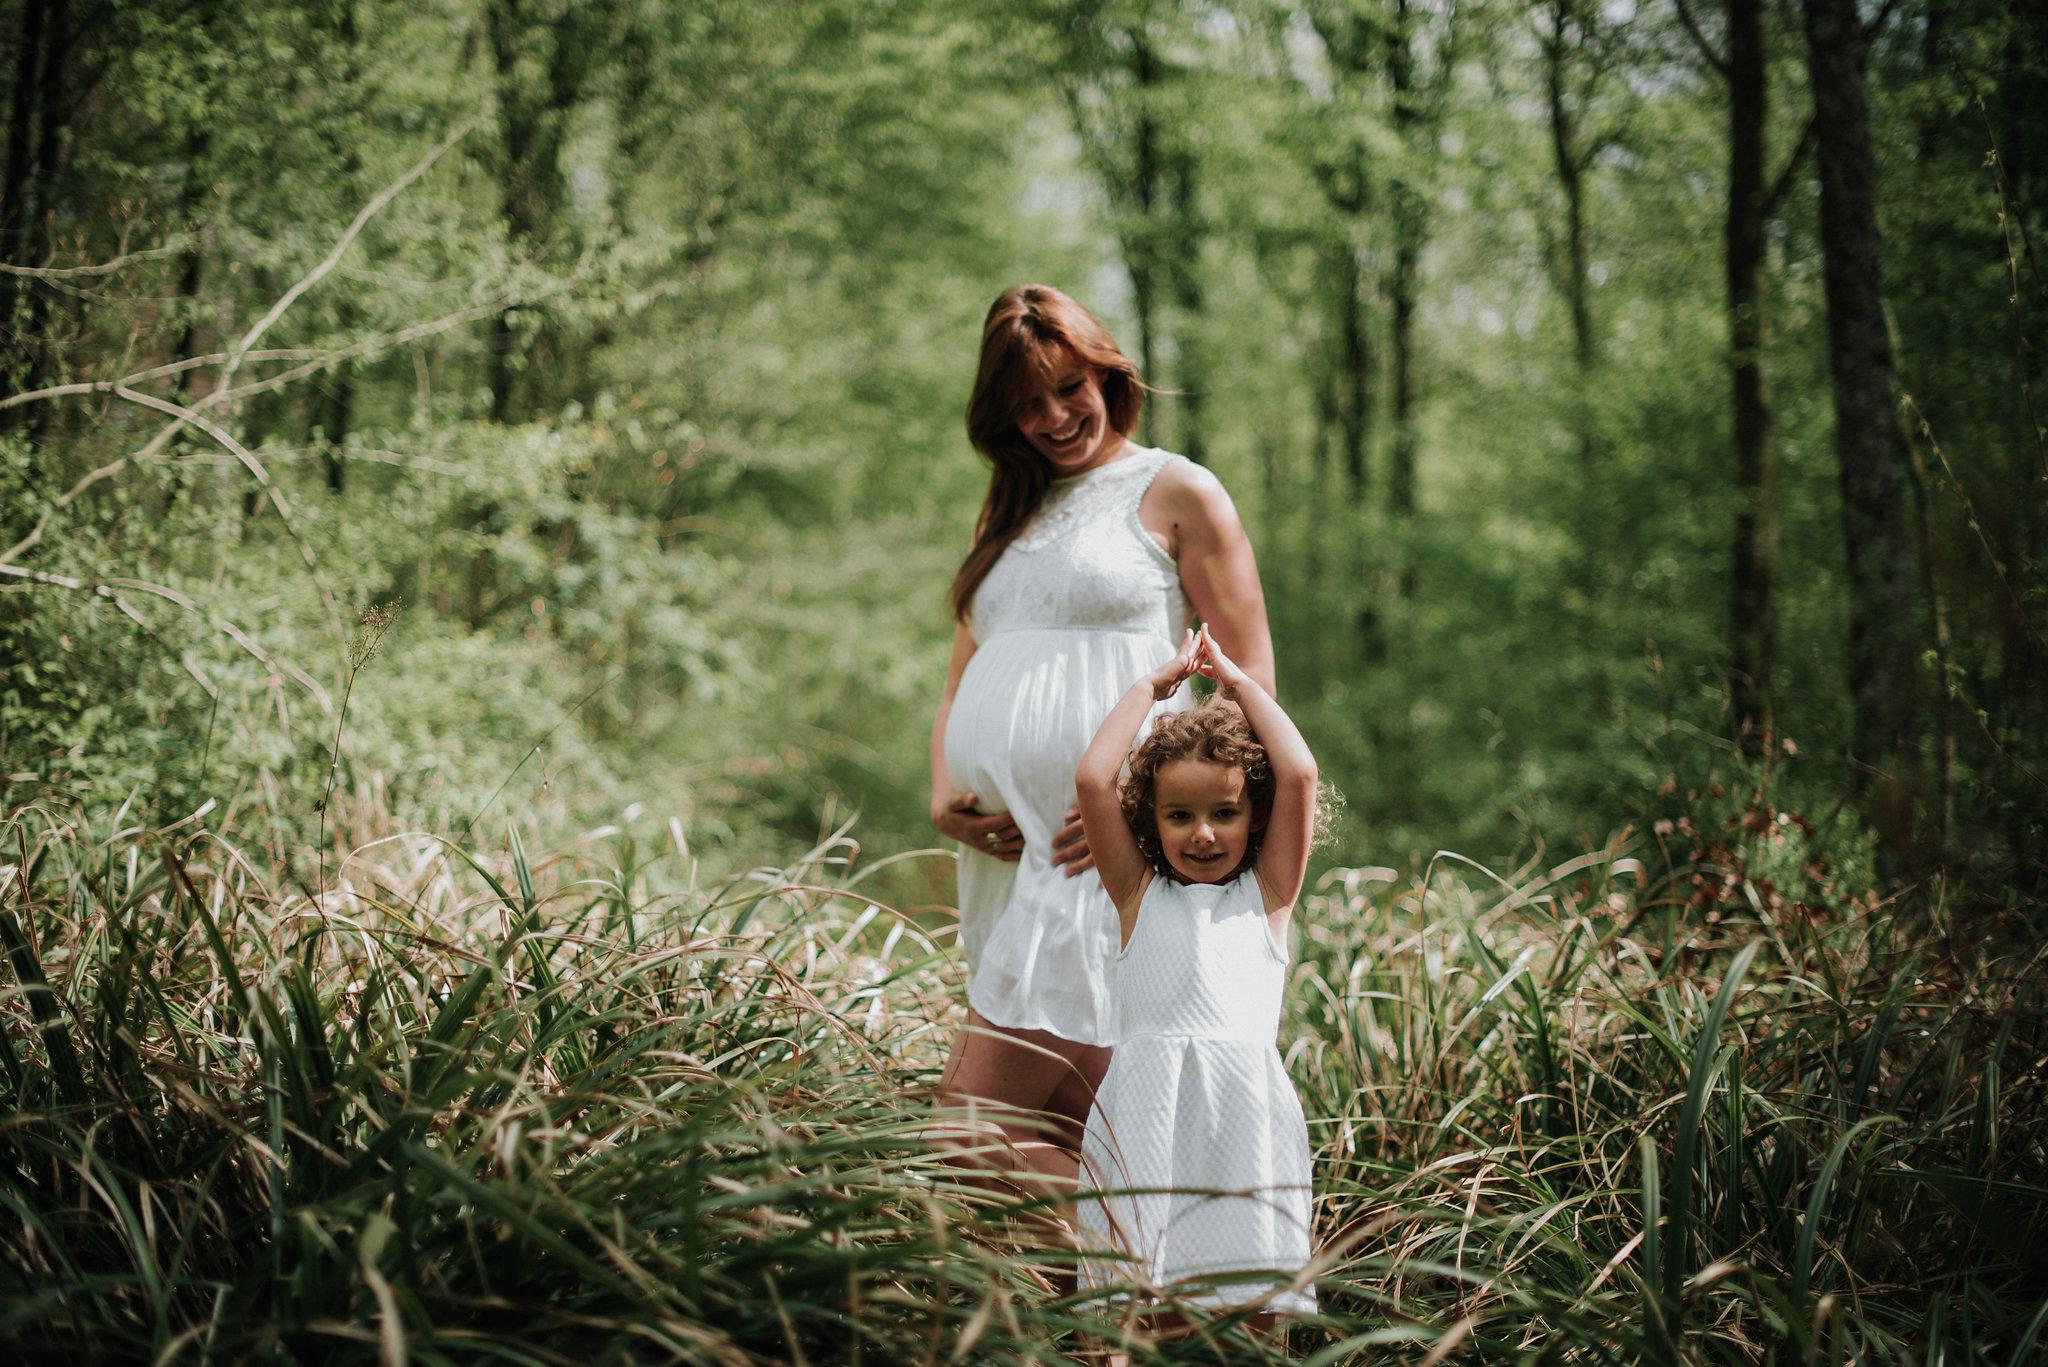 Léa-Fery-photographe-professionnel-lyon-rhone-alpes-portrait-creation-mariage-evenement-evenementiel-famille-7856.jpg